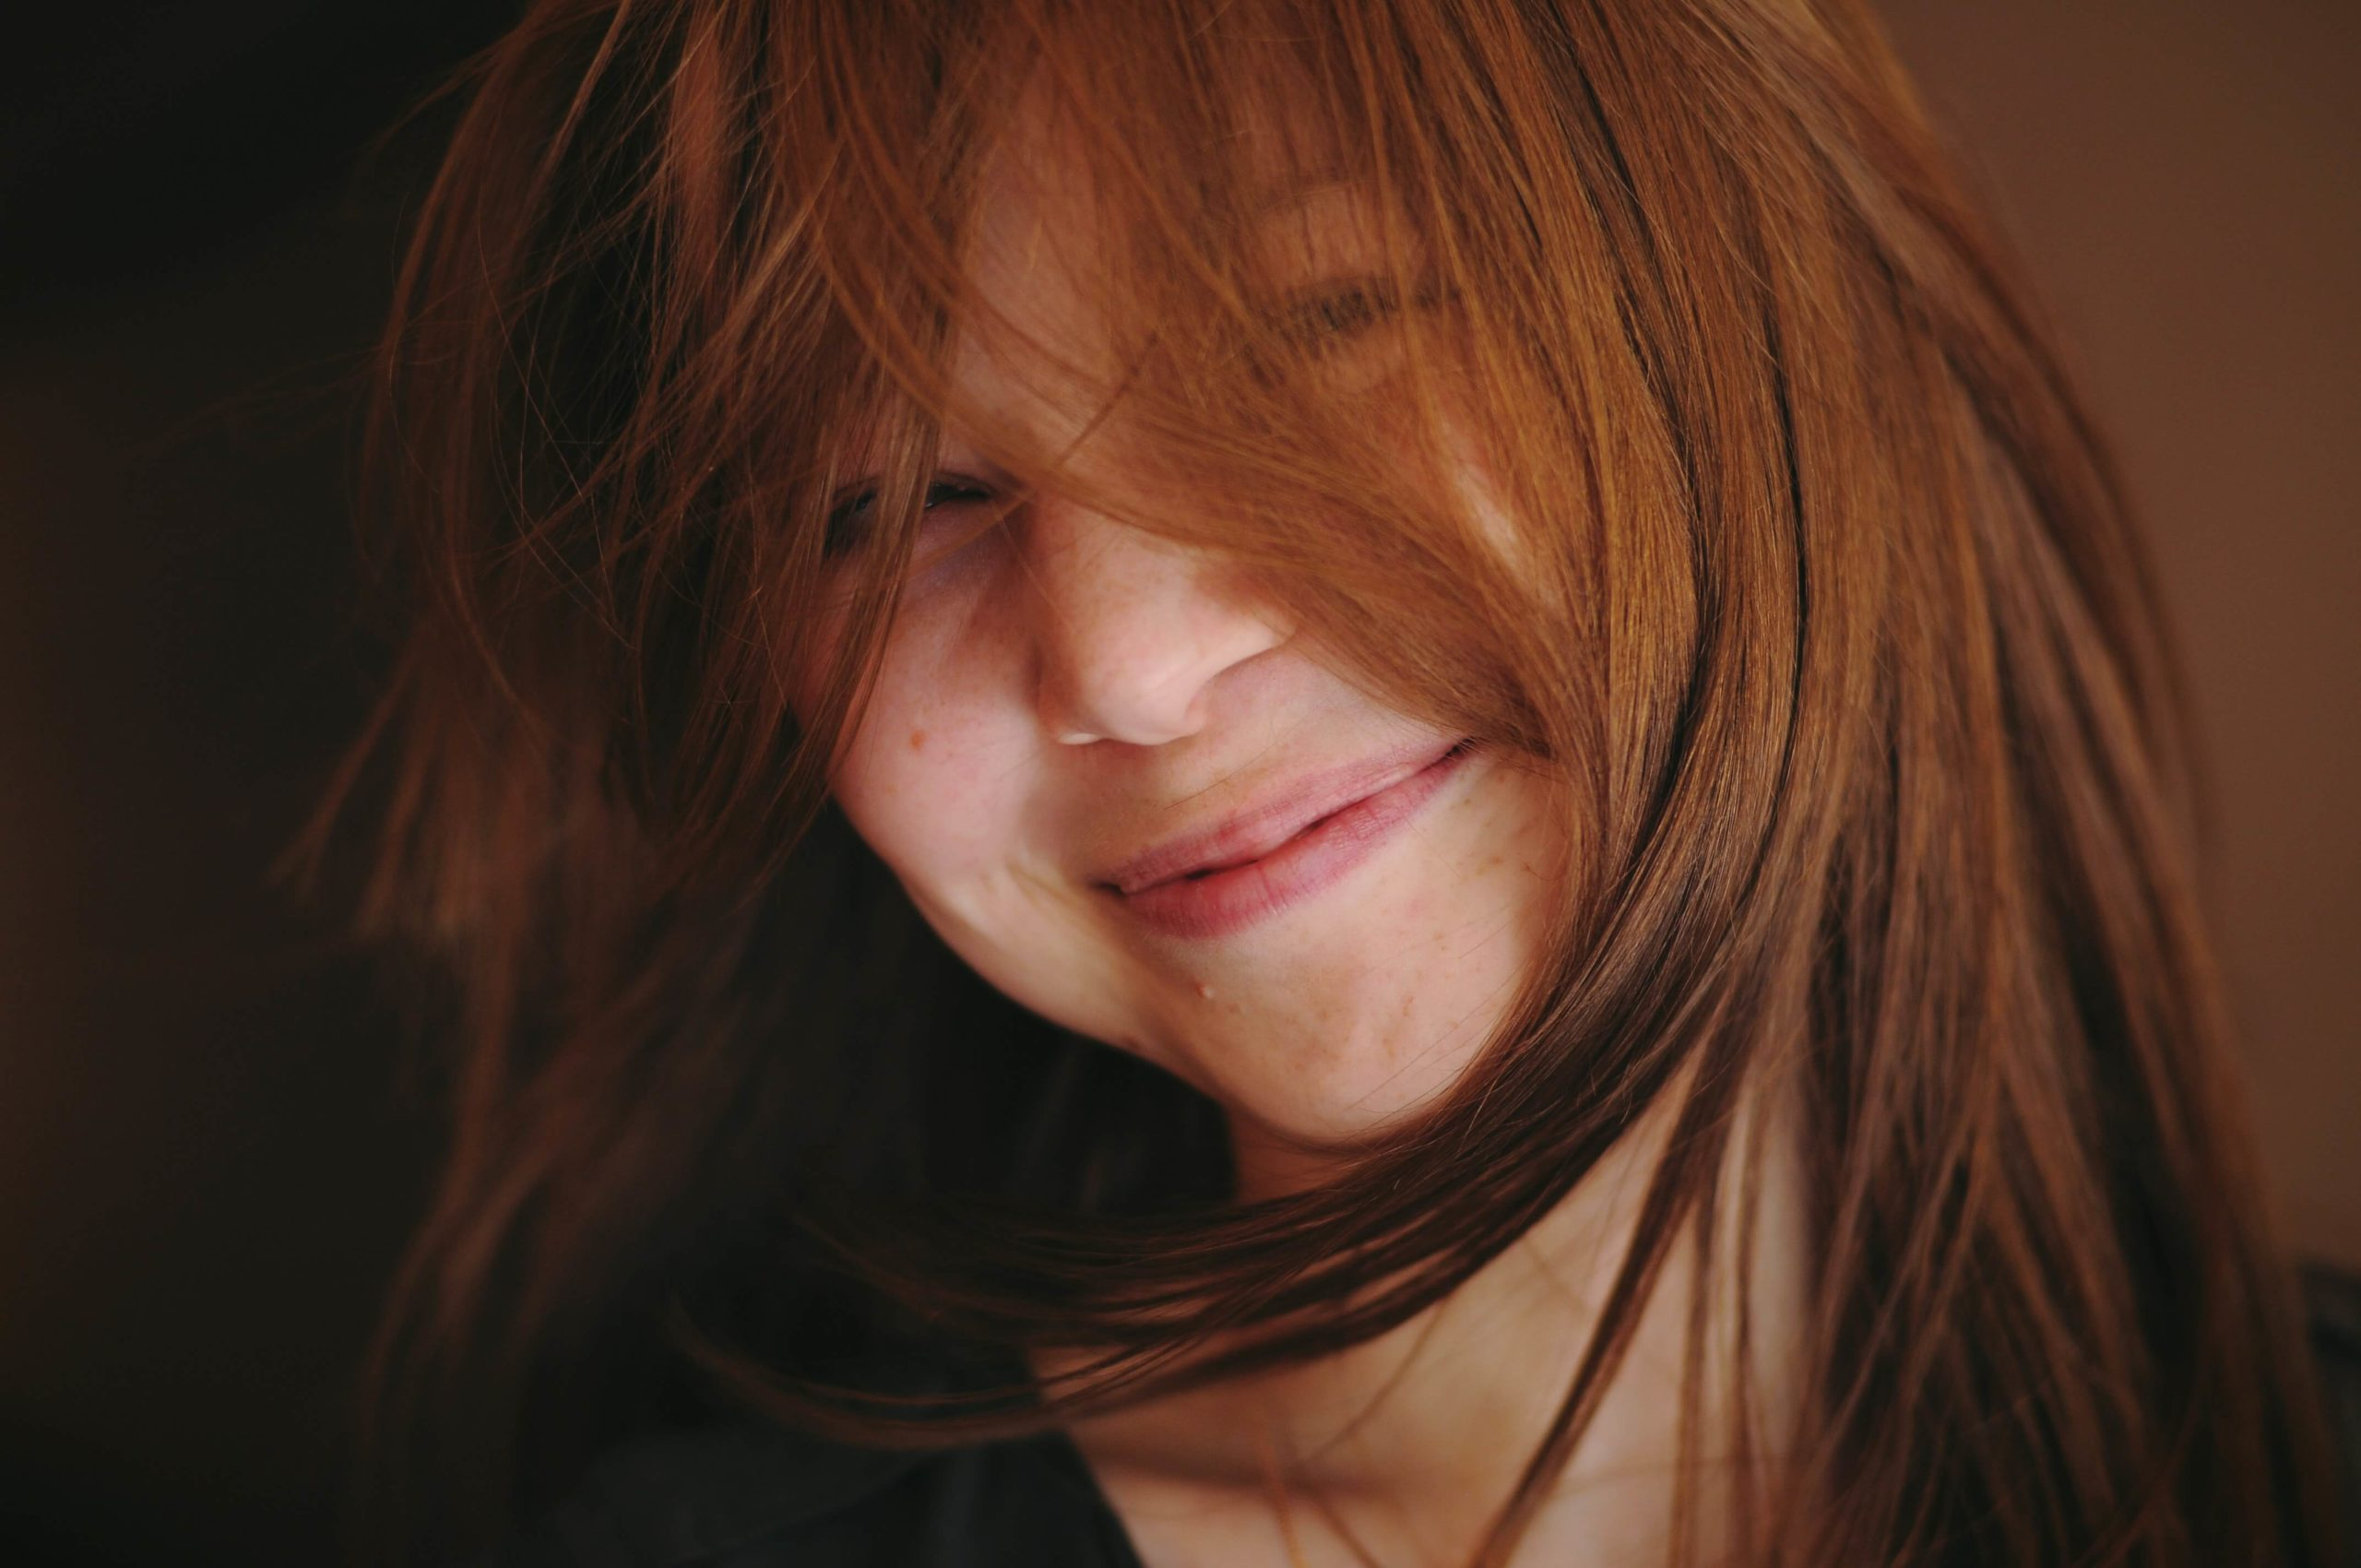 comment accueillir ses émotions et les accepter